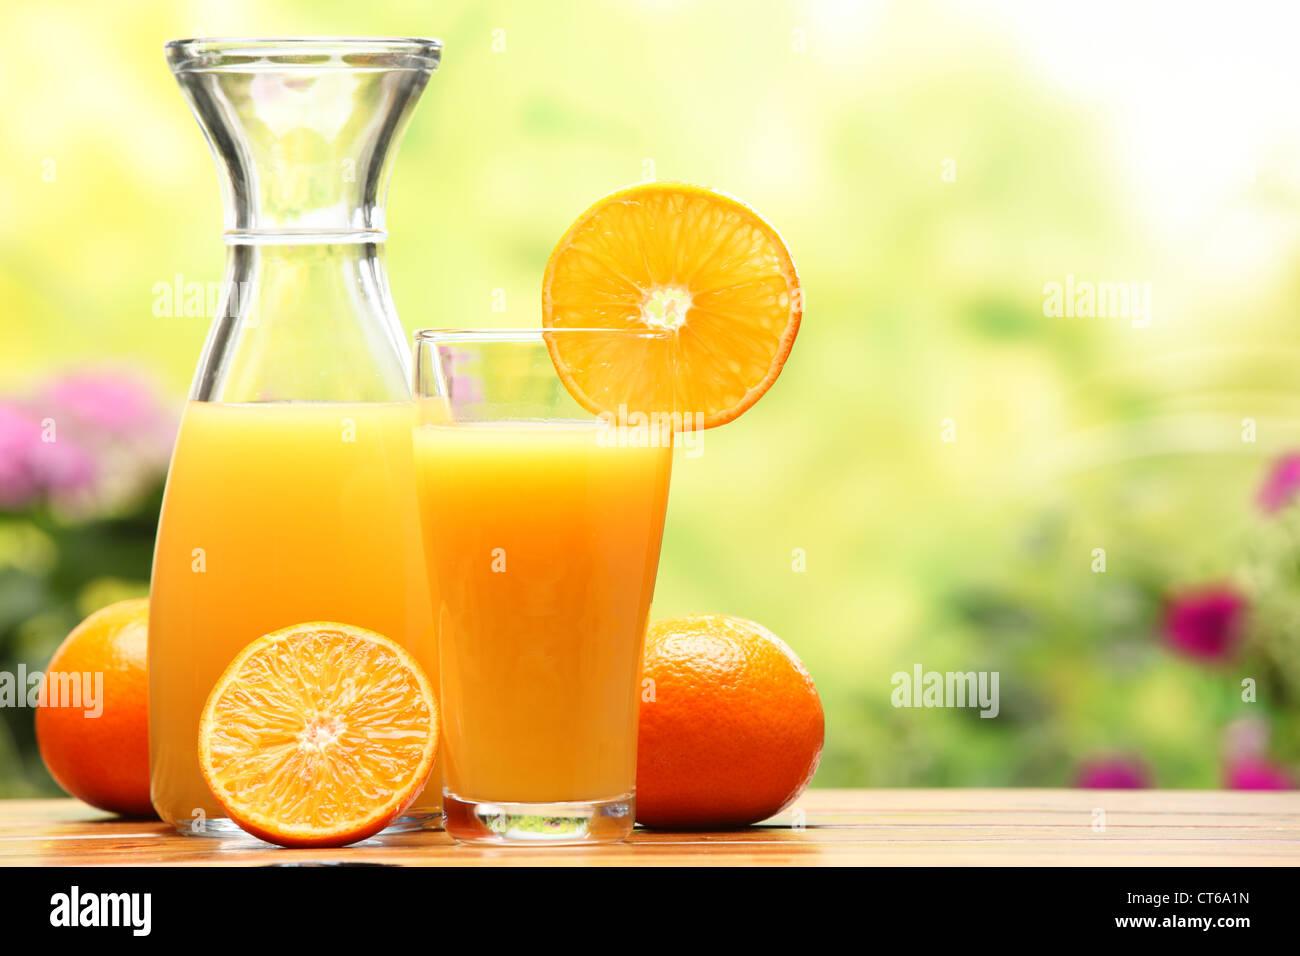 Deux verres de jus d'orange et de fruits Photo Stock